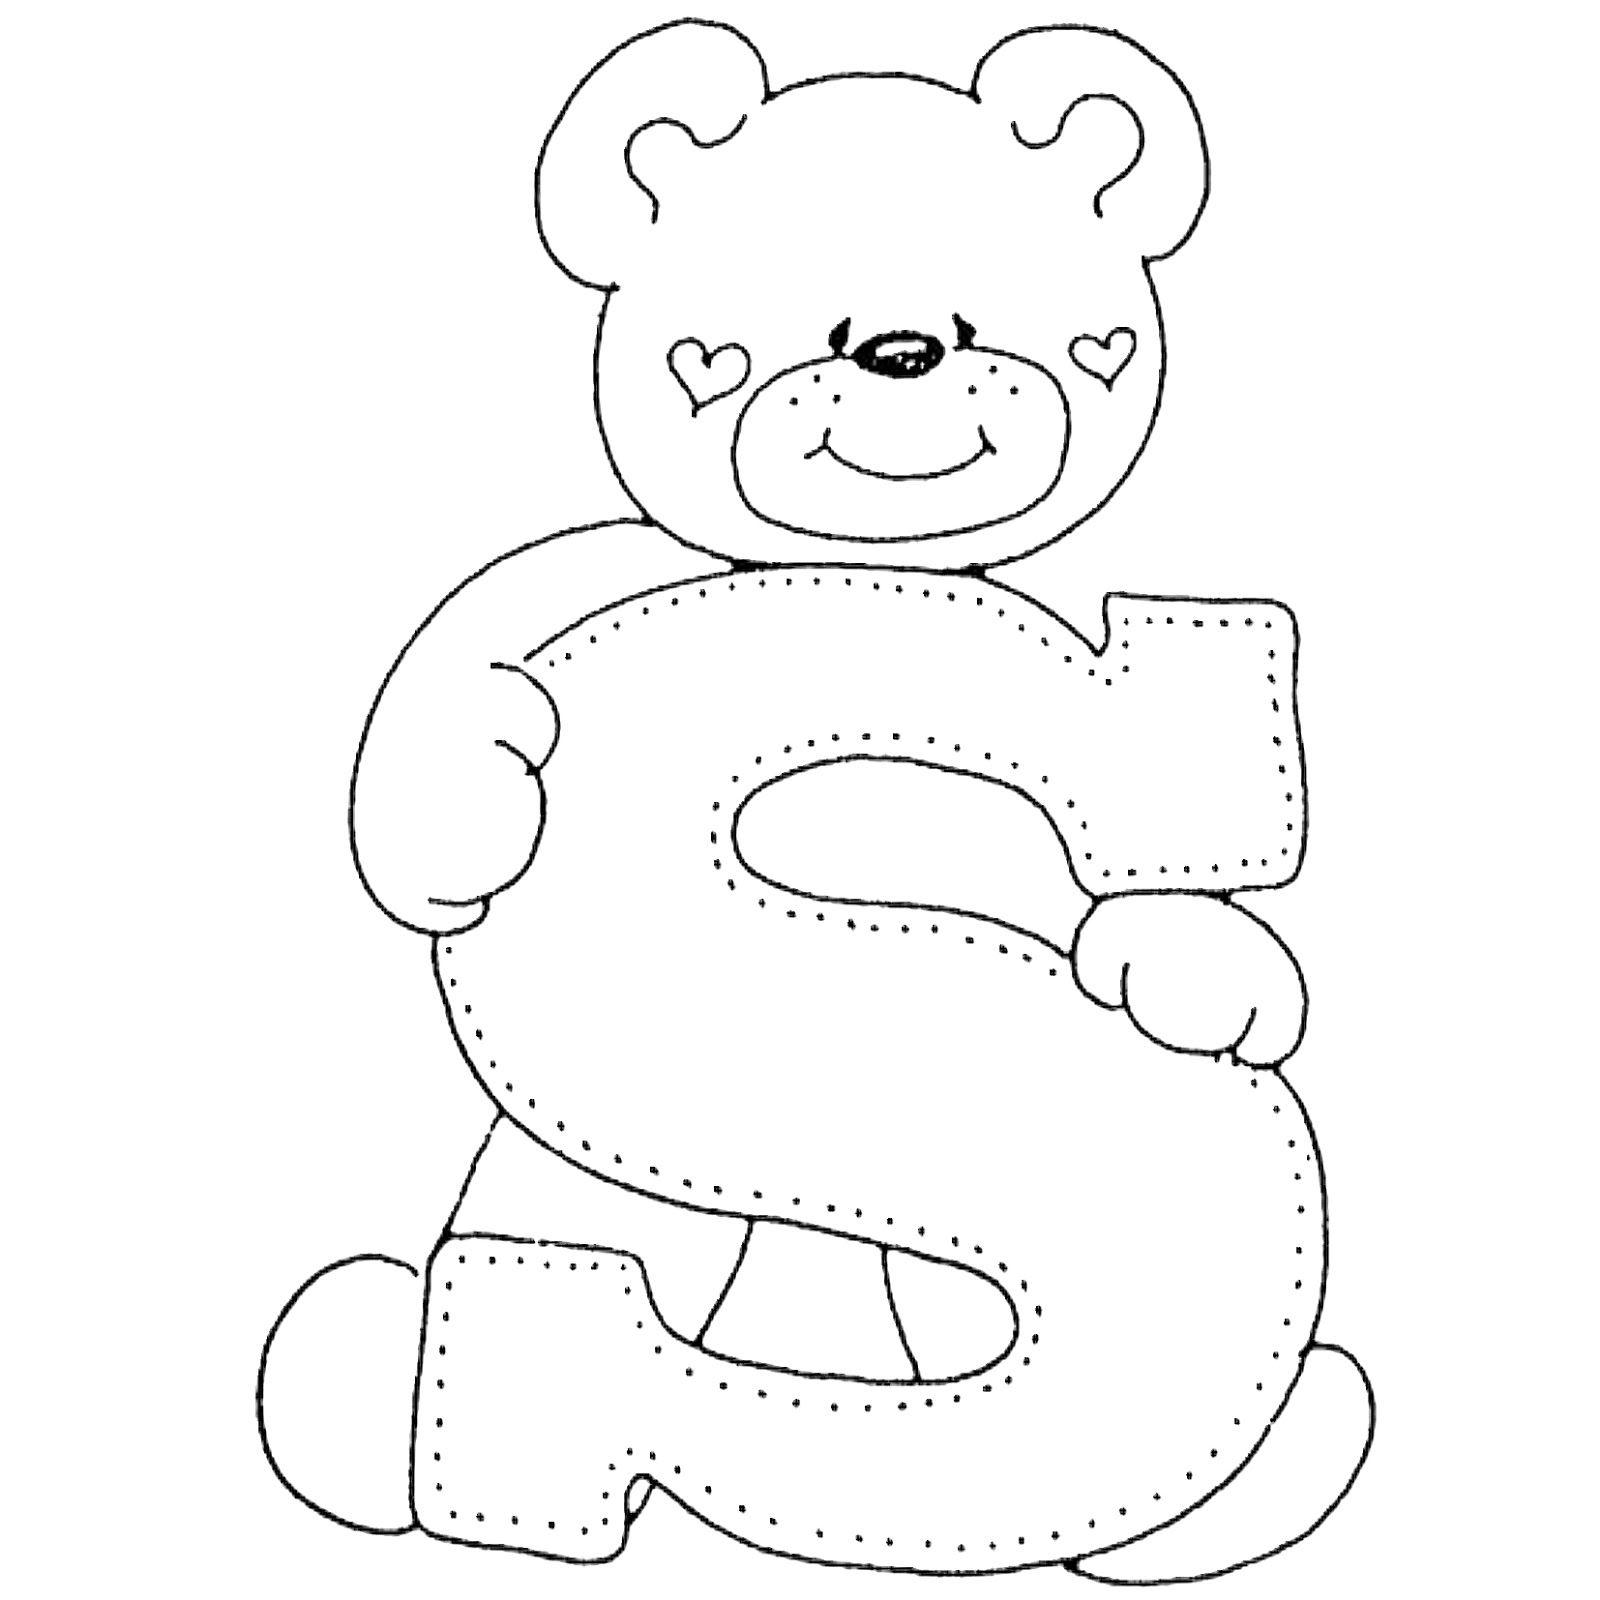 Großartig Süße Teddybär Malvorlagen Zeitgenössisch - Malvorlagen ...